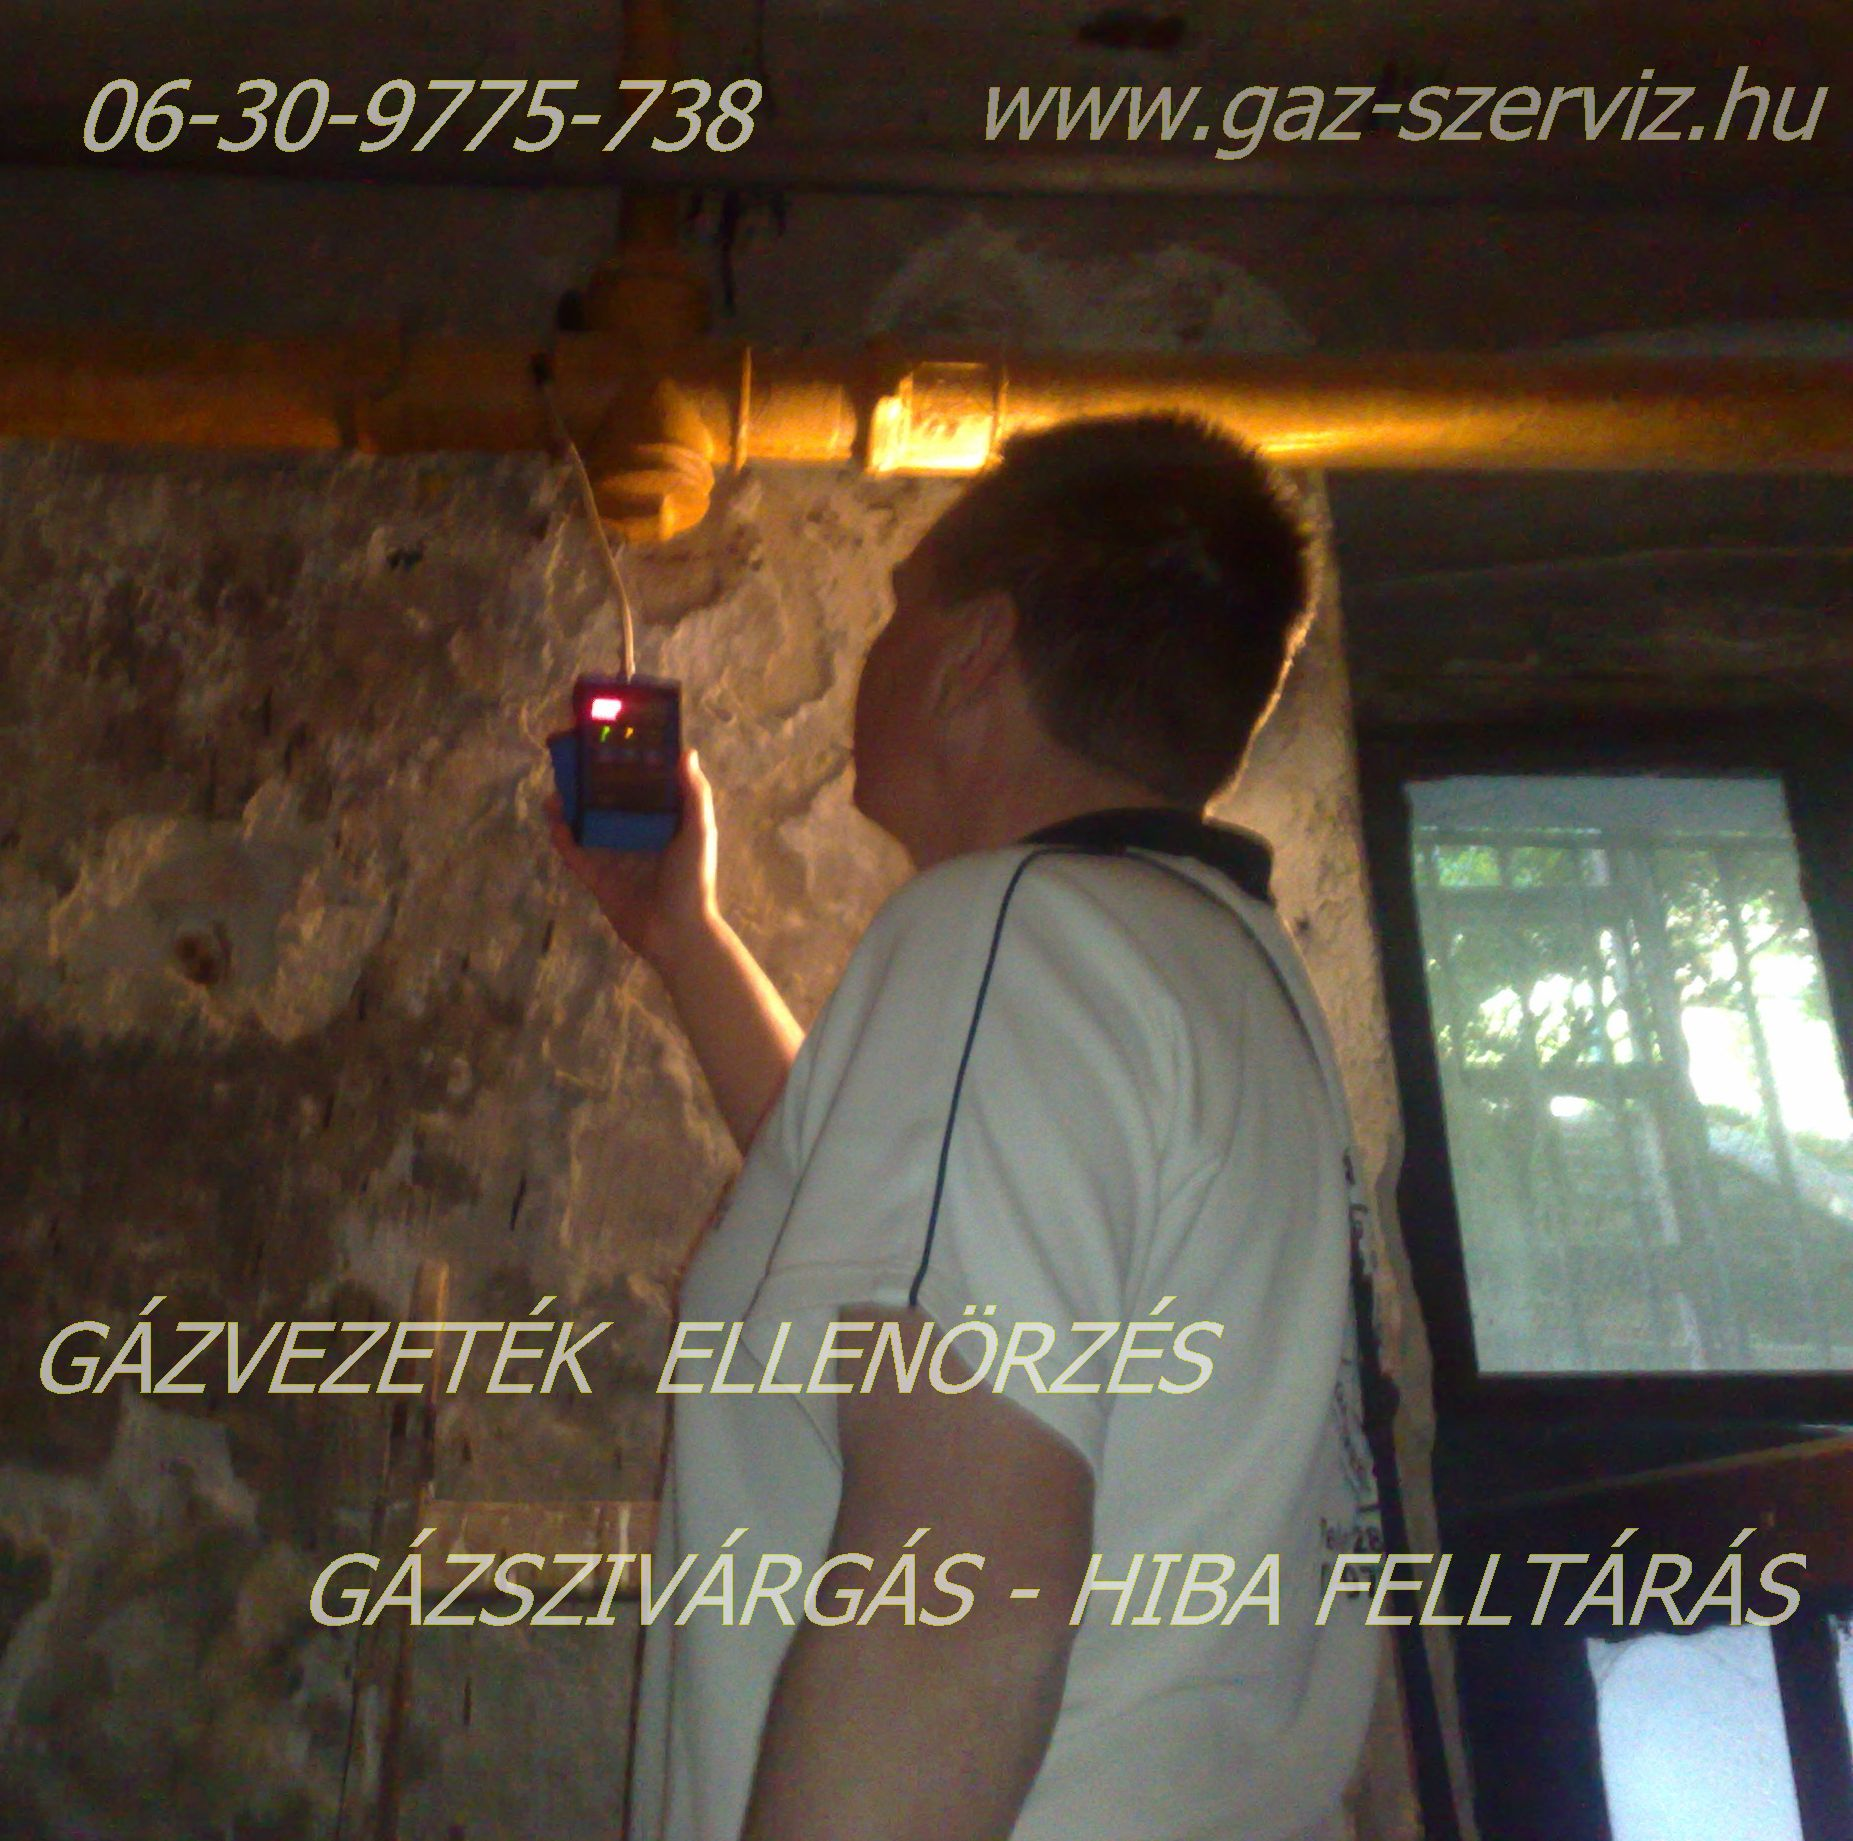 G�zvezet�k ellen�rz�s  -  G�zszag - Hiba fellt�r�s  - G�zvezet�k szerel�s  ( 06-30 ) 9775-738